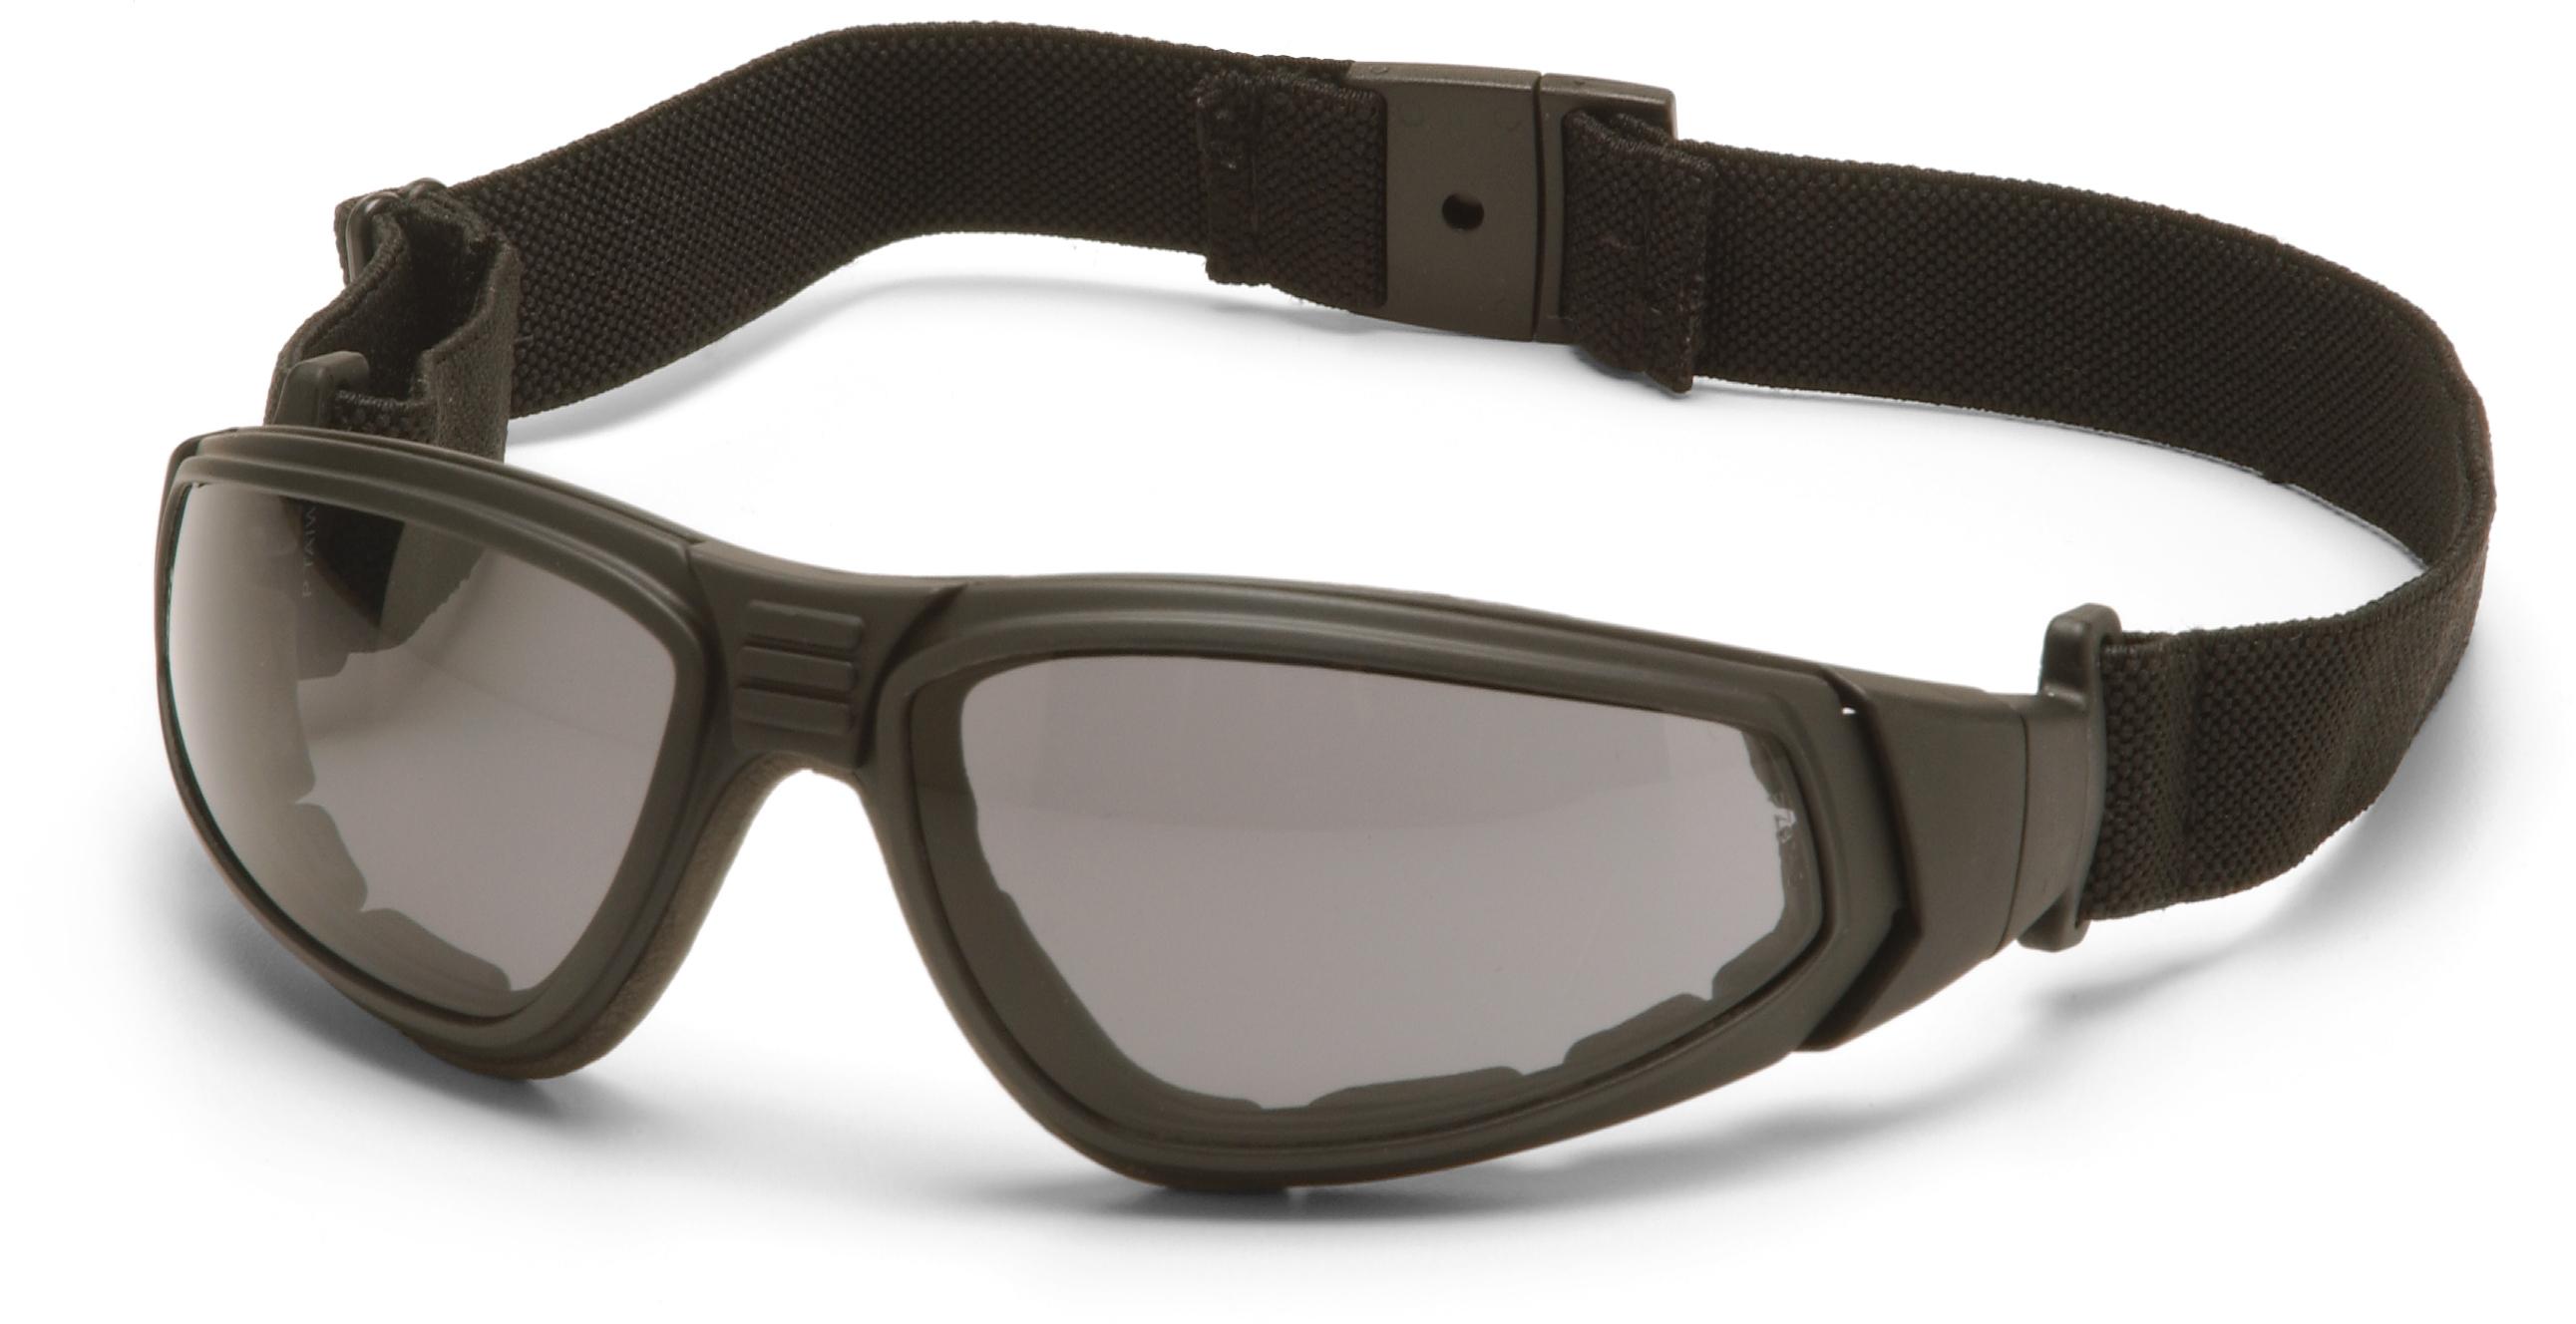 clevisto der gesundheitsschutz versand hilft clever sch tzen ballistische schutzbrille. Black Bedroom Furniture Sets. Home Design Ideas